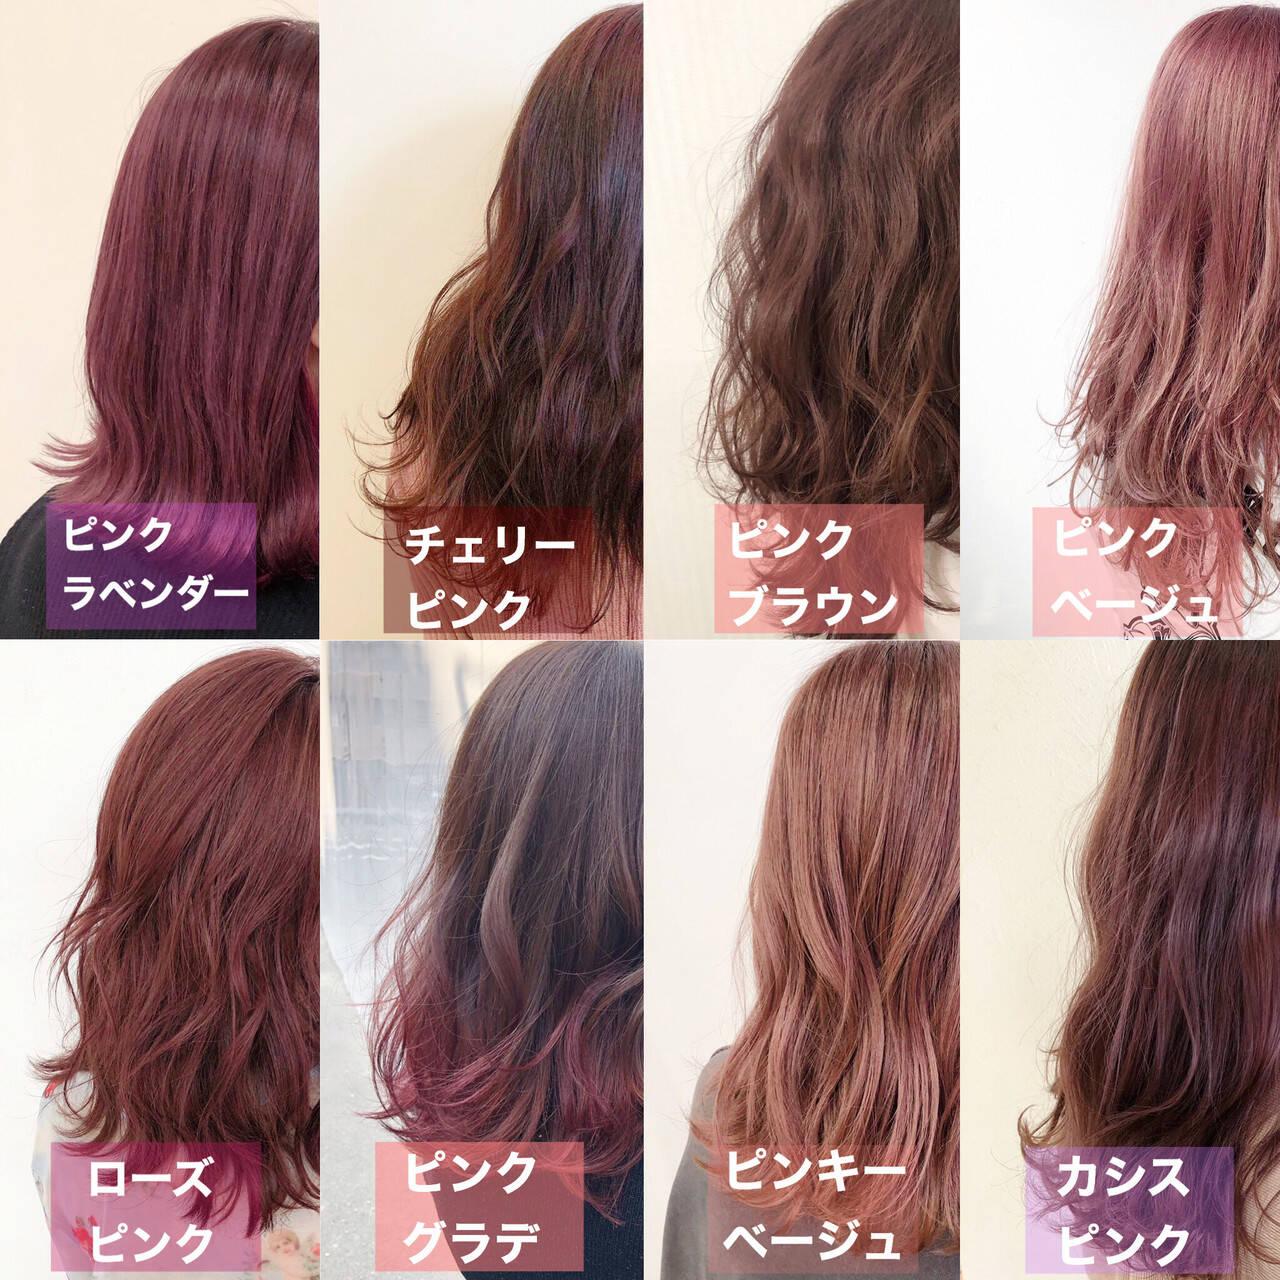 ラベンダーピンク ピンクアッシュ ピンク ピンクベージュヘアスタイルや髪型の写真・画像